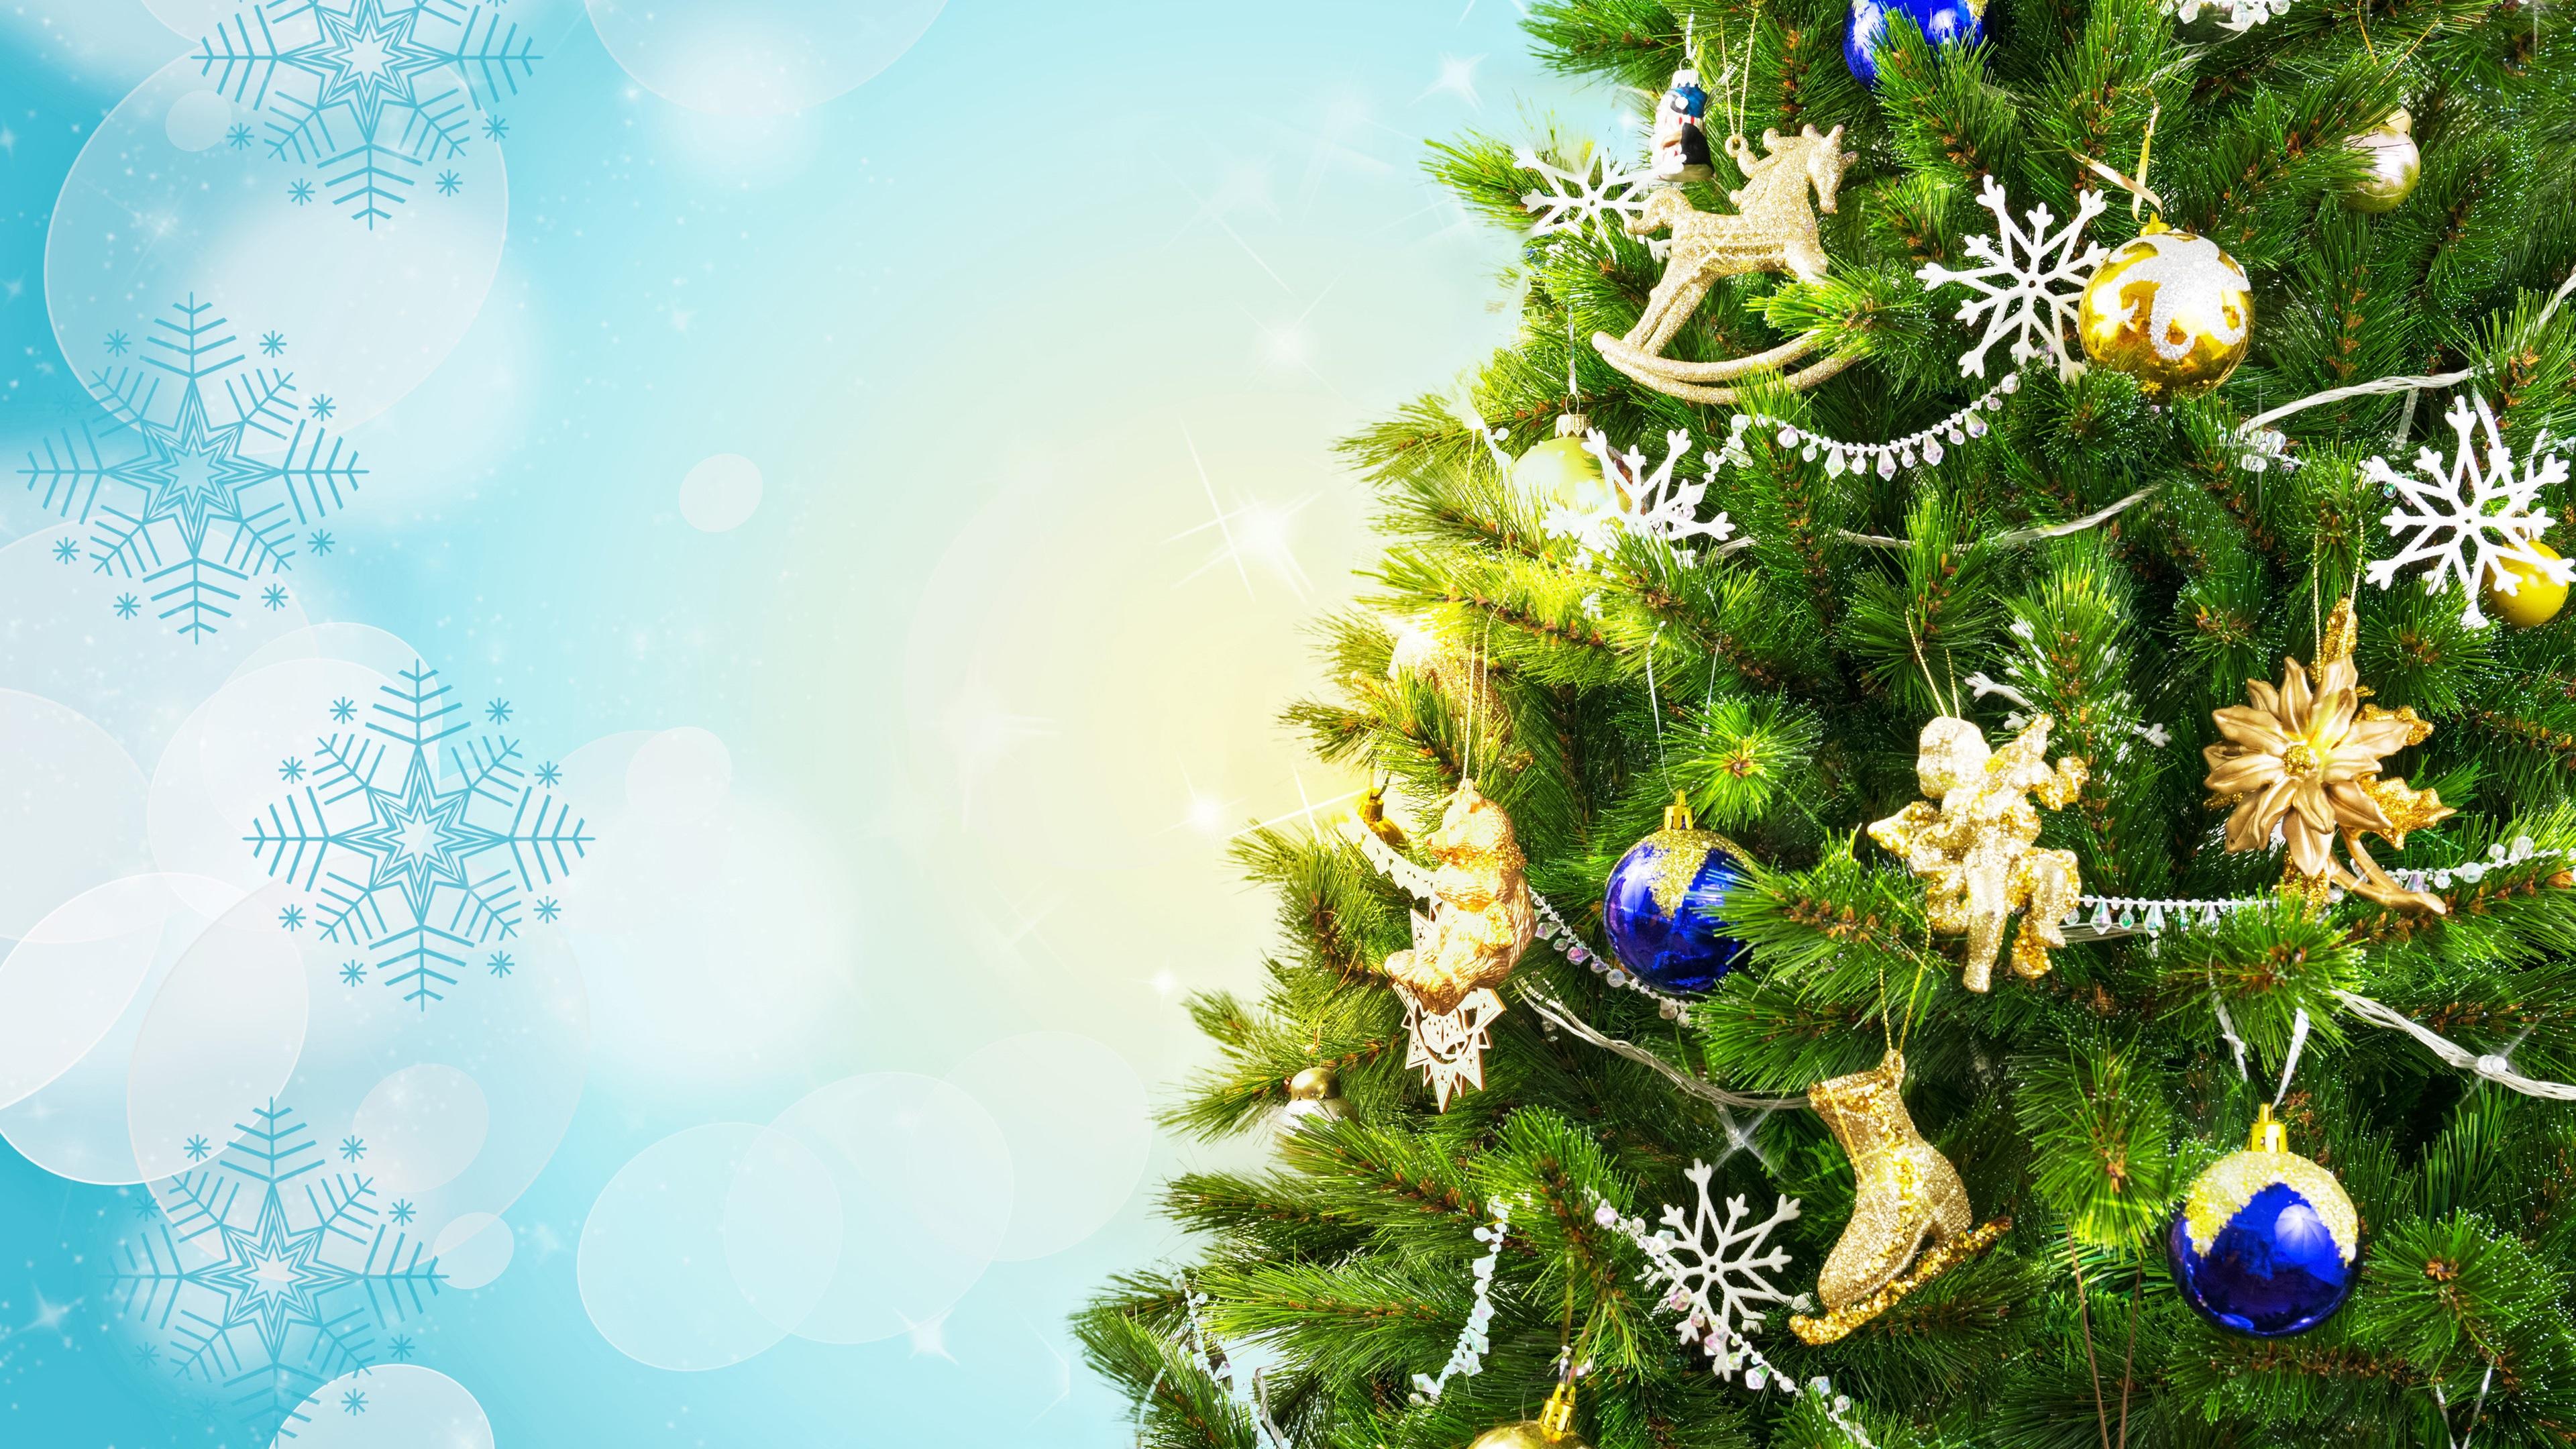 Fond D écran Vacances De Noël: Fonds D'écran Arbre De Noël, Vacances, Décoration, Jouets